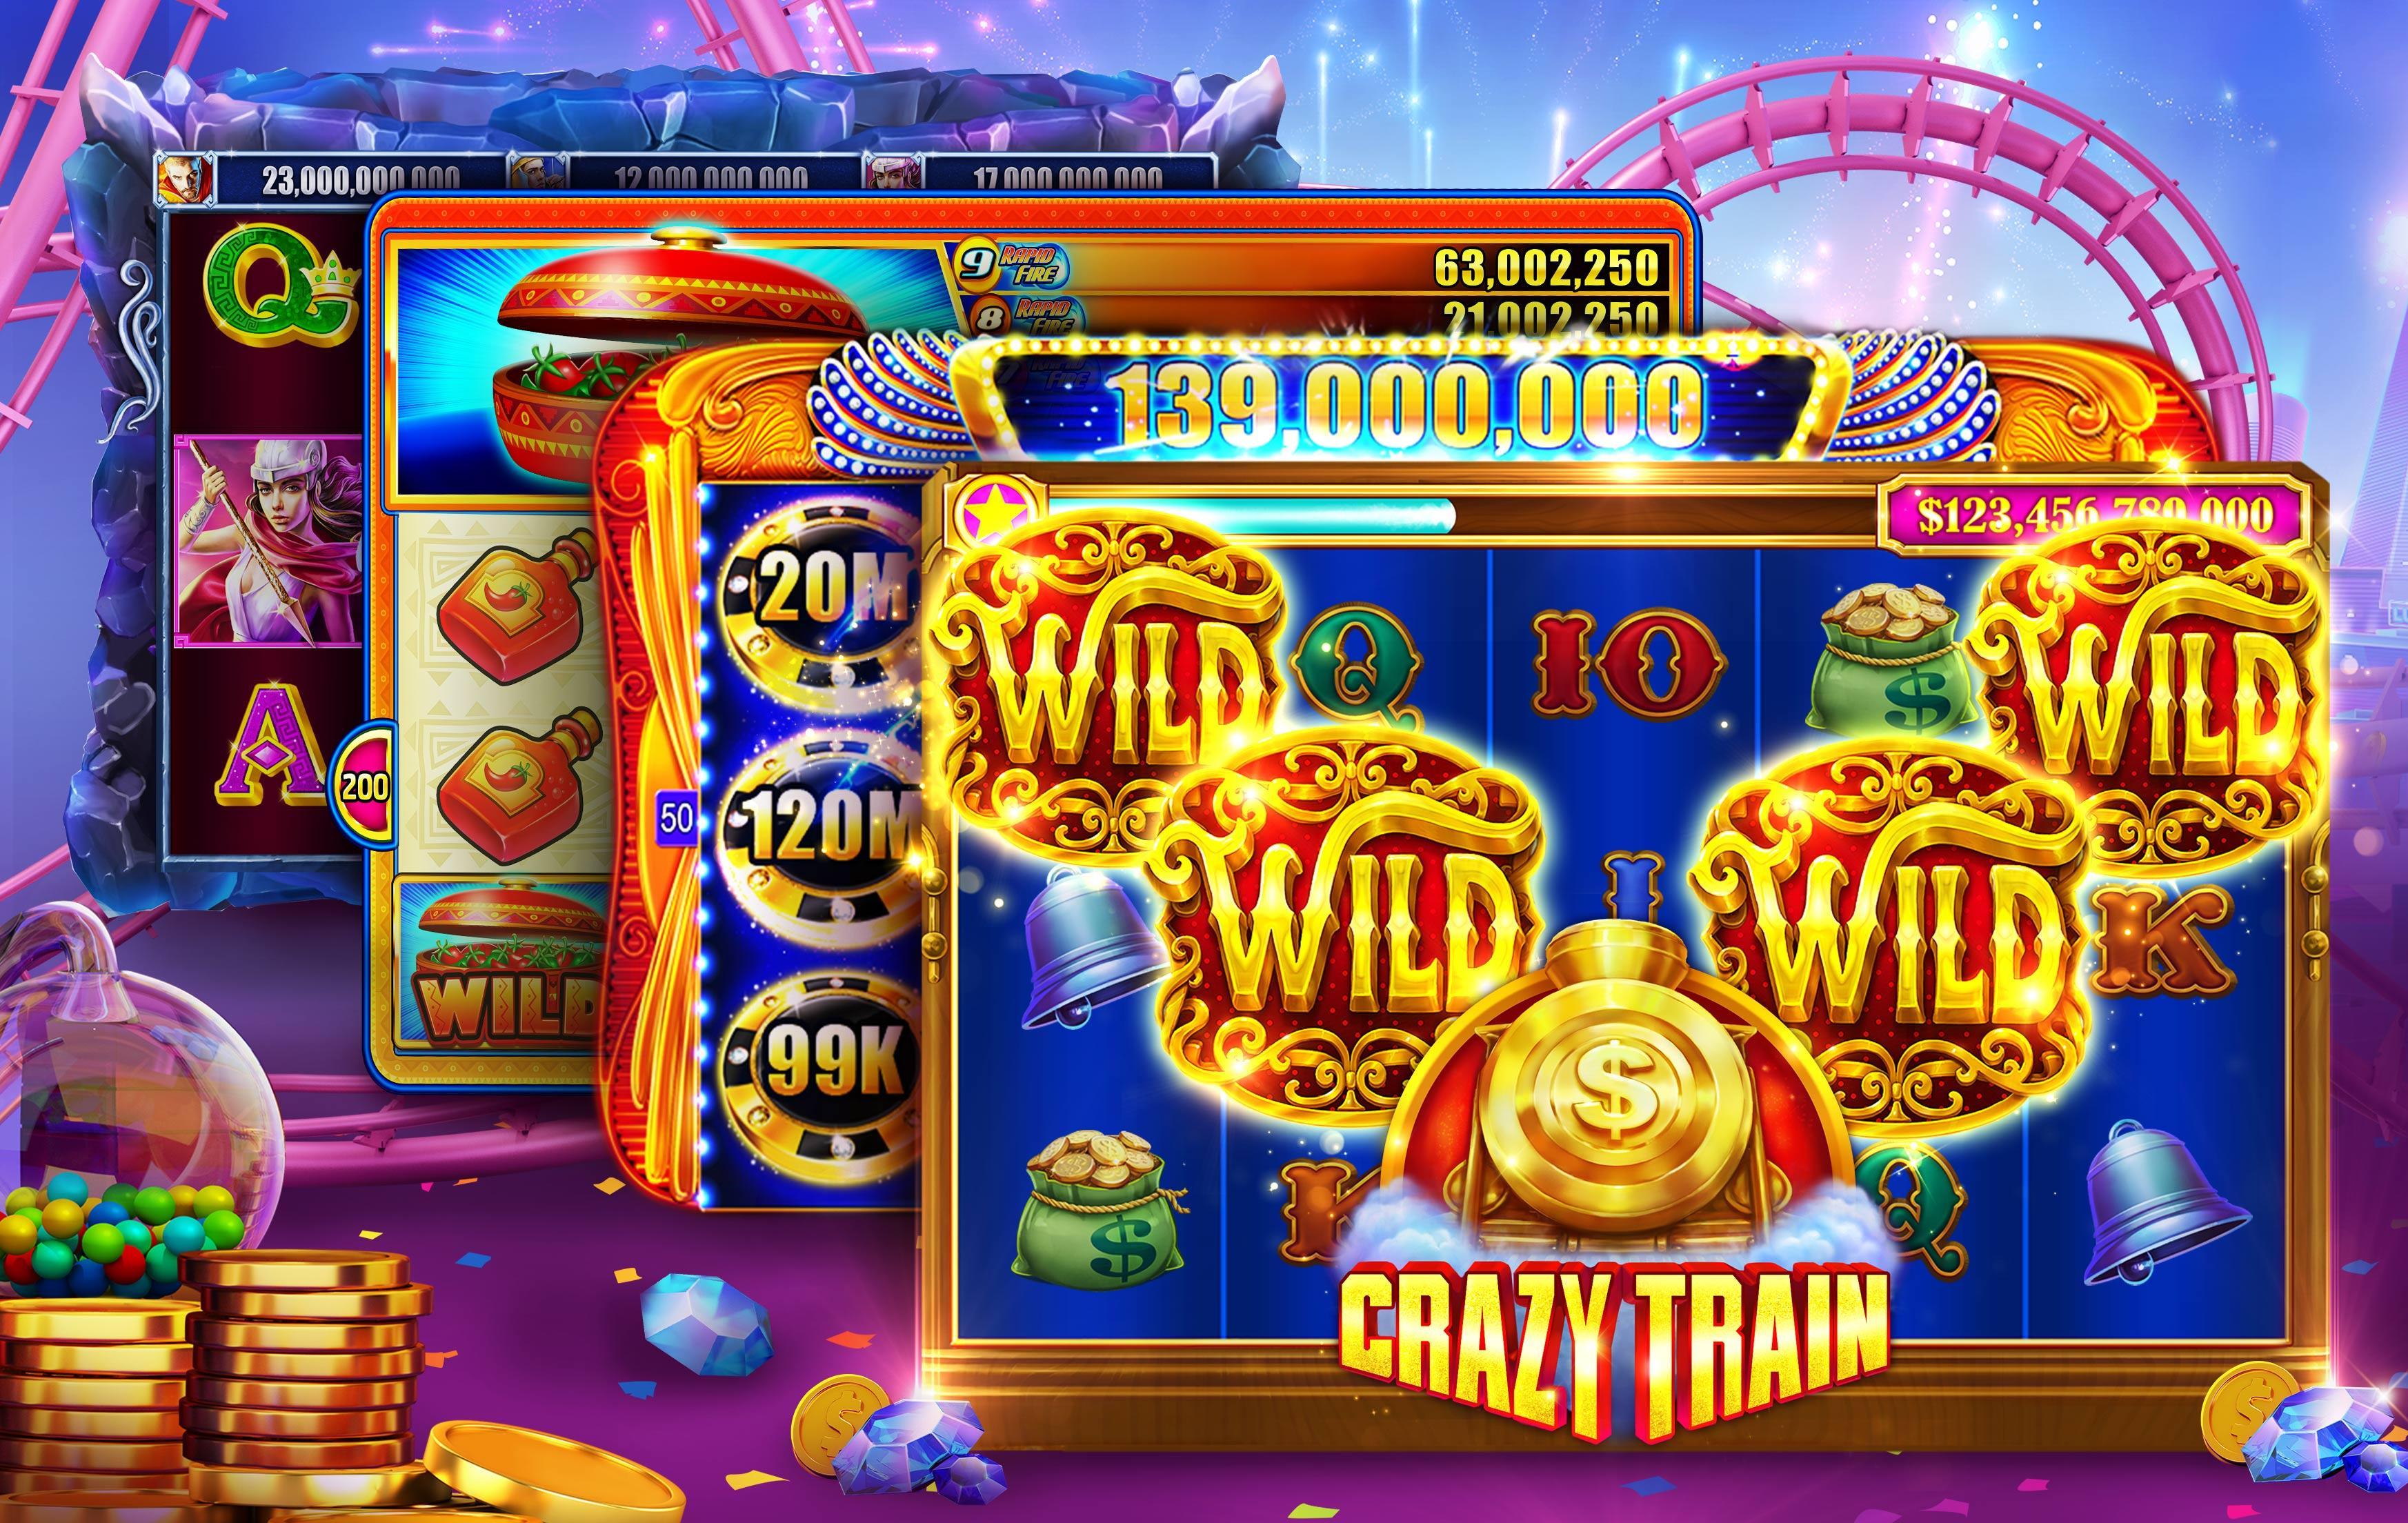 Слотомания игровые автоматы играть бесплатно скачать на игровые автоматы hotline